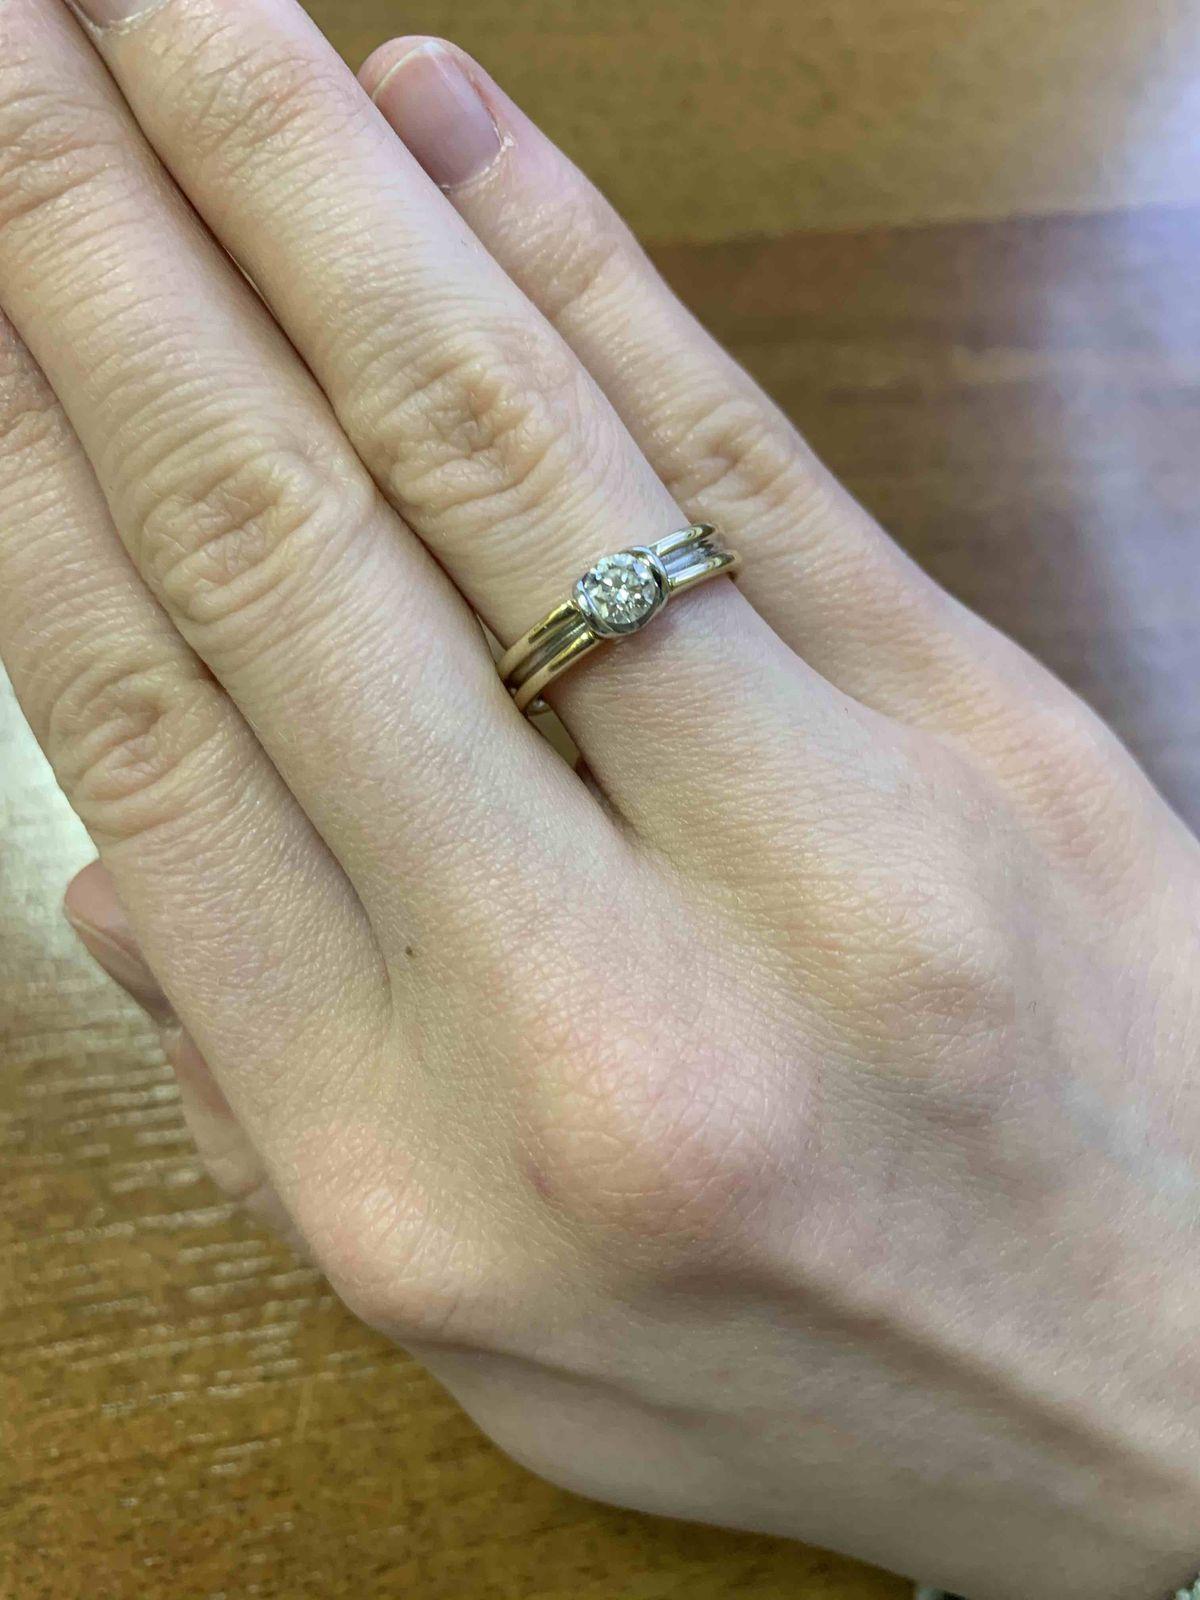 Симпатичное кольцо.